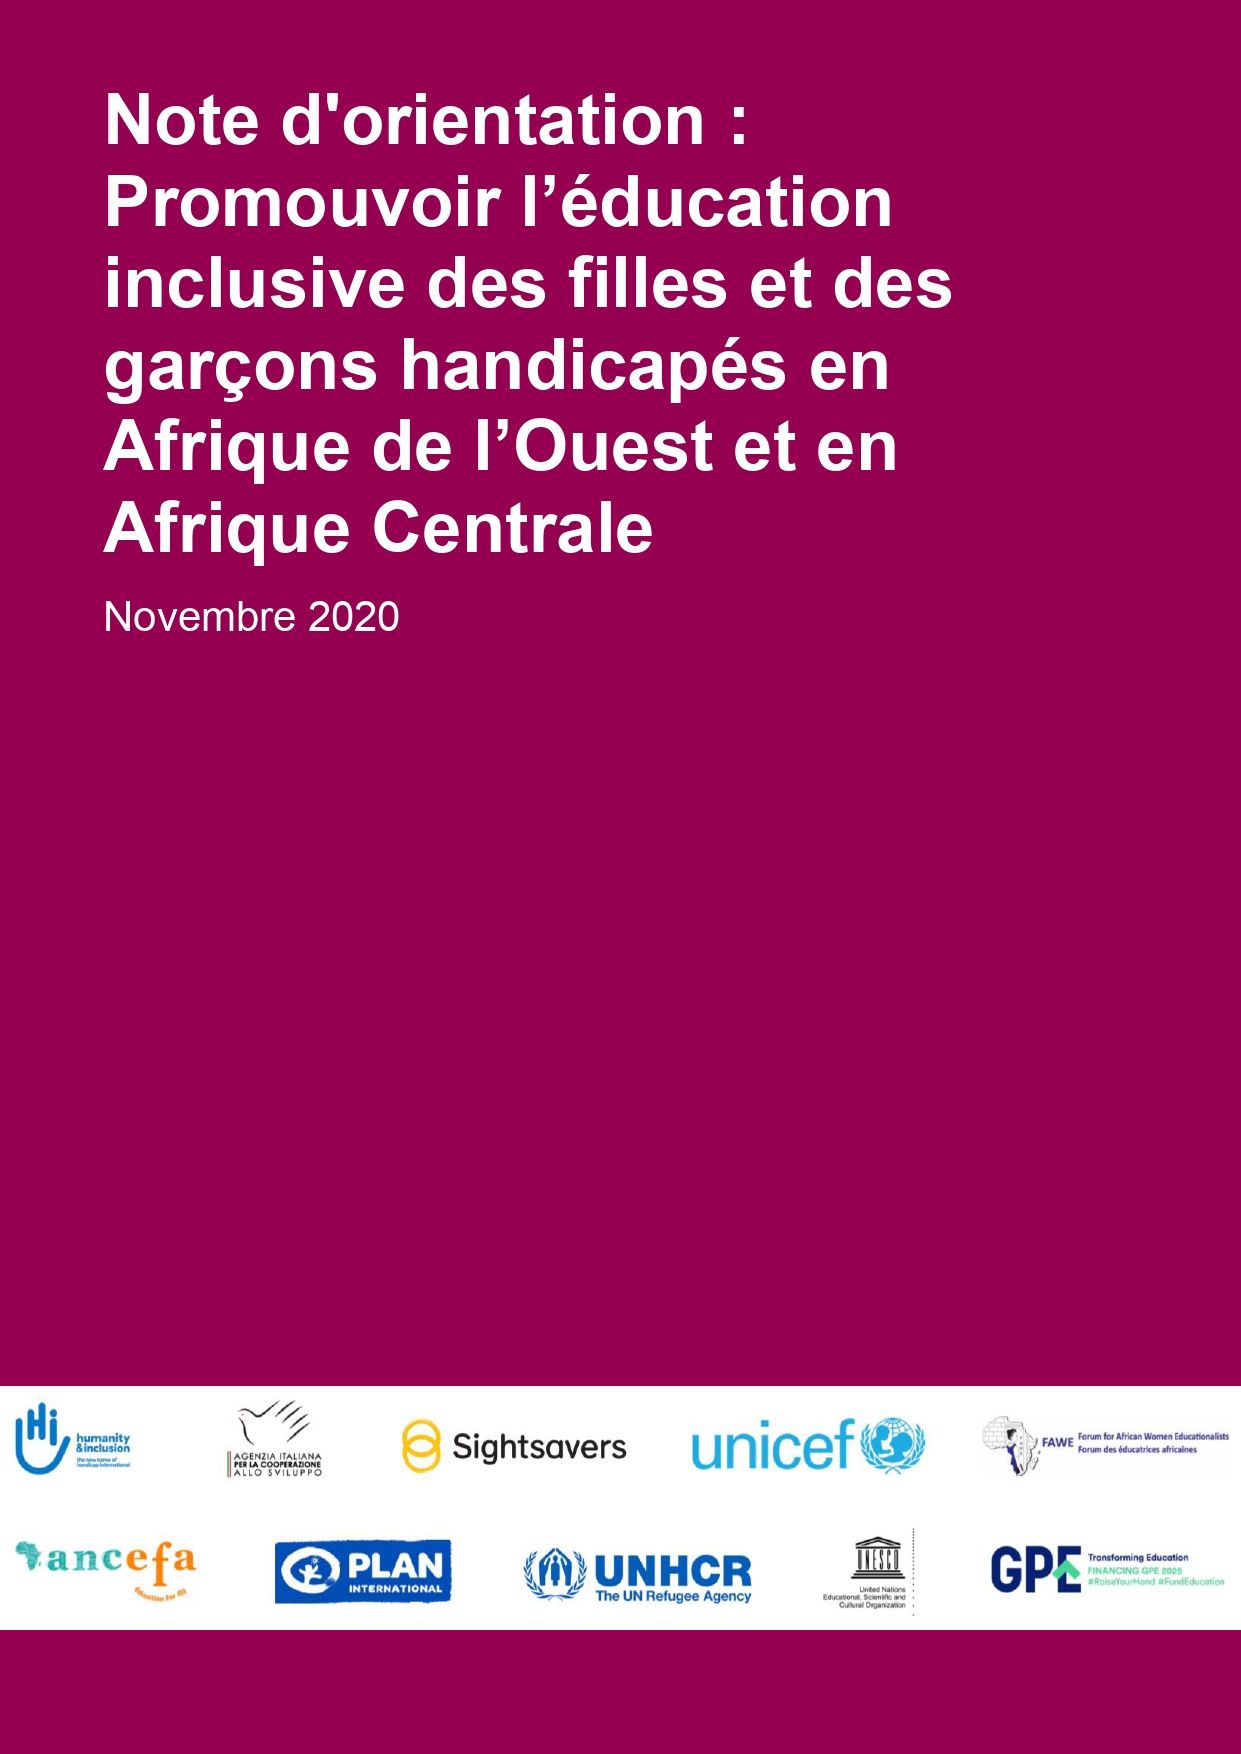 Note d'orientation: Promouvoir l'éducation inclusive des filles et des garçons handicapés en Afrique de l'Ouest et en Afrique Centrale